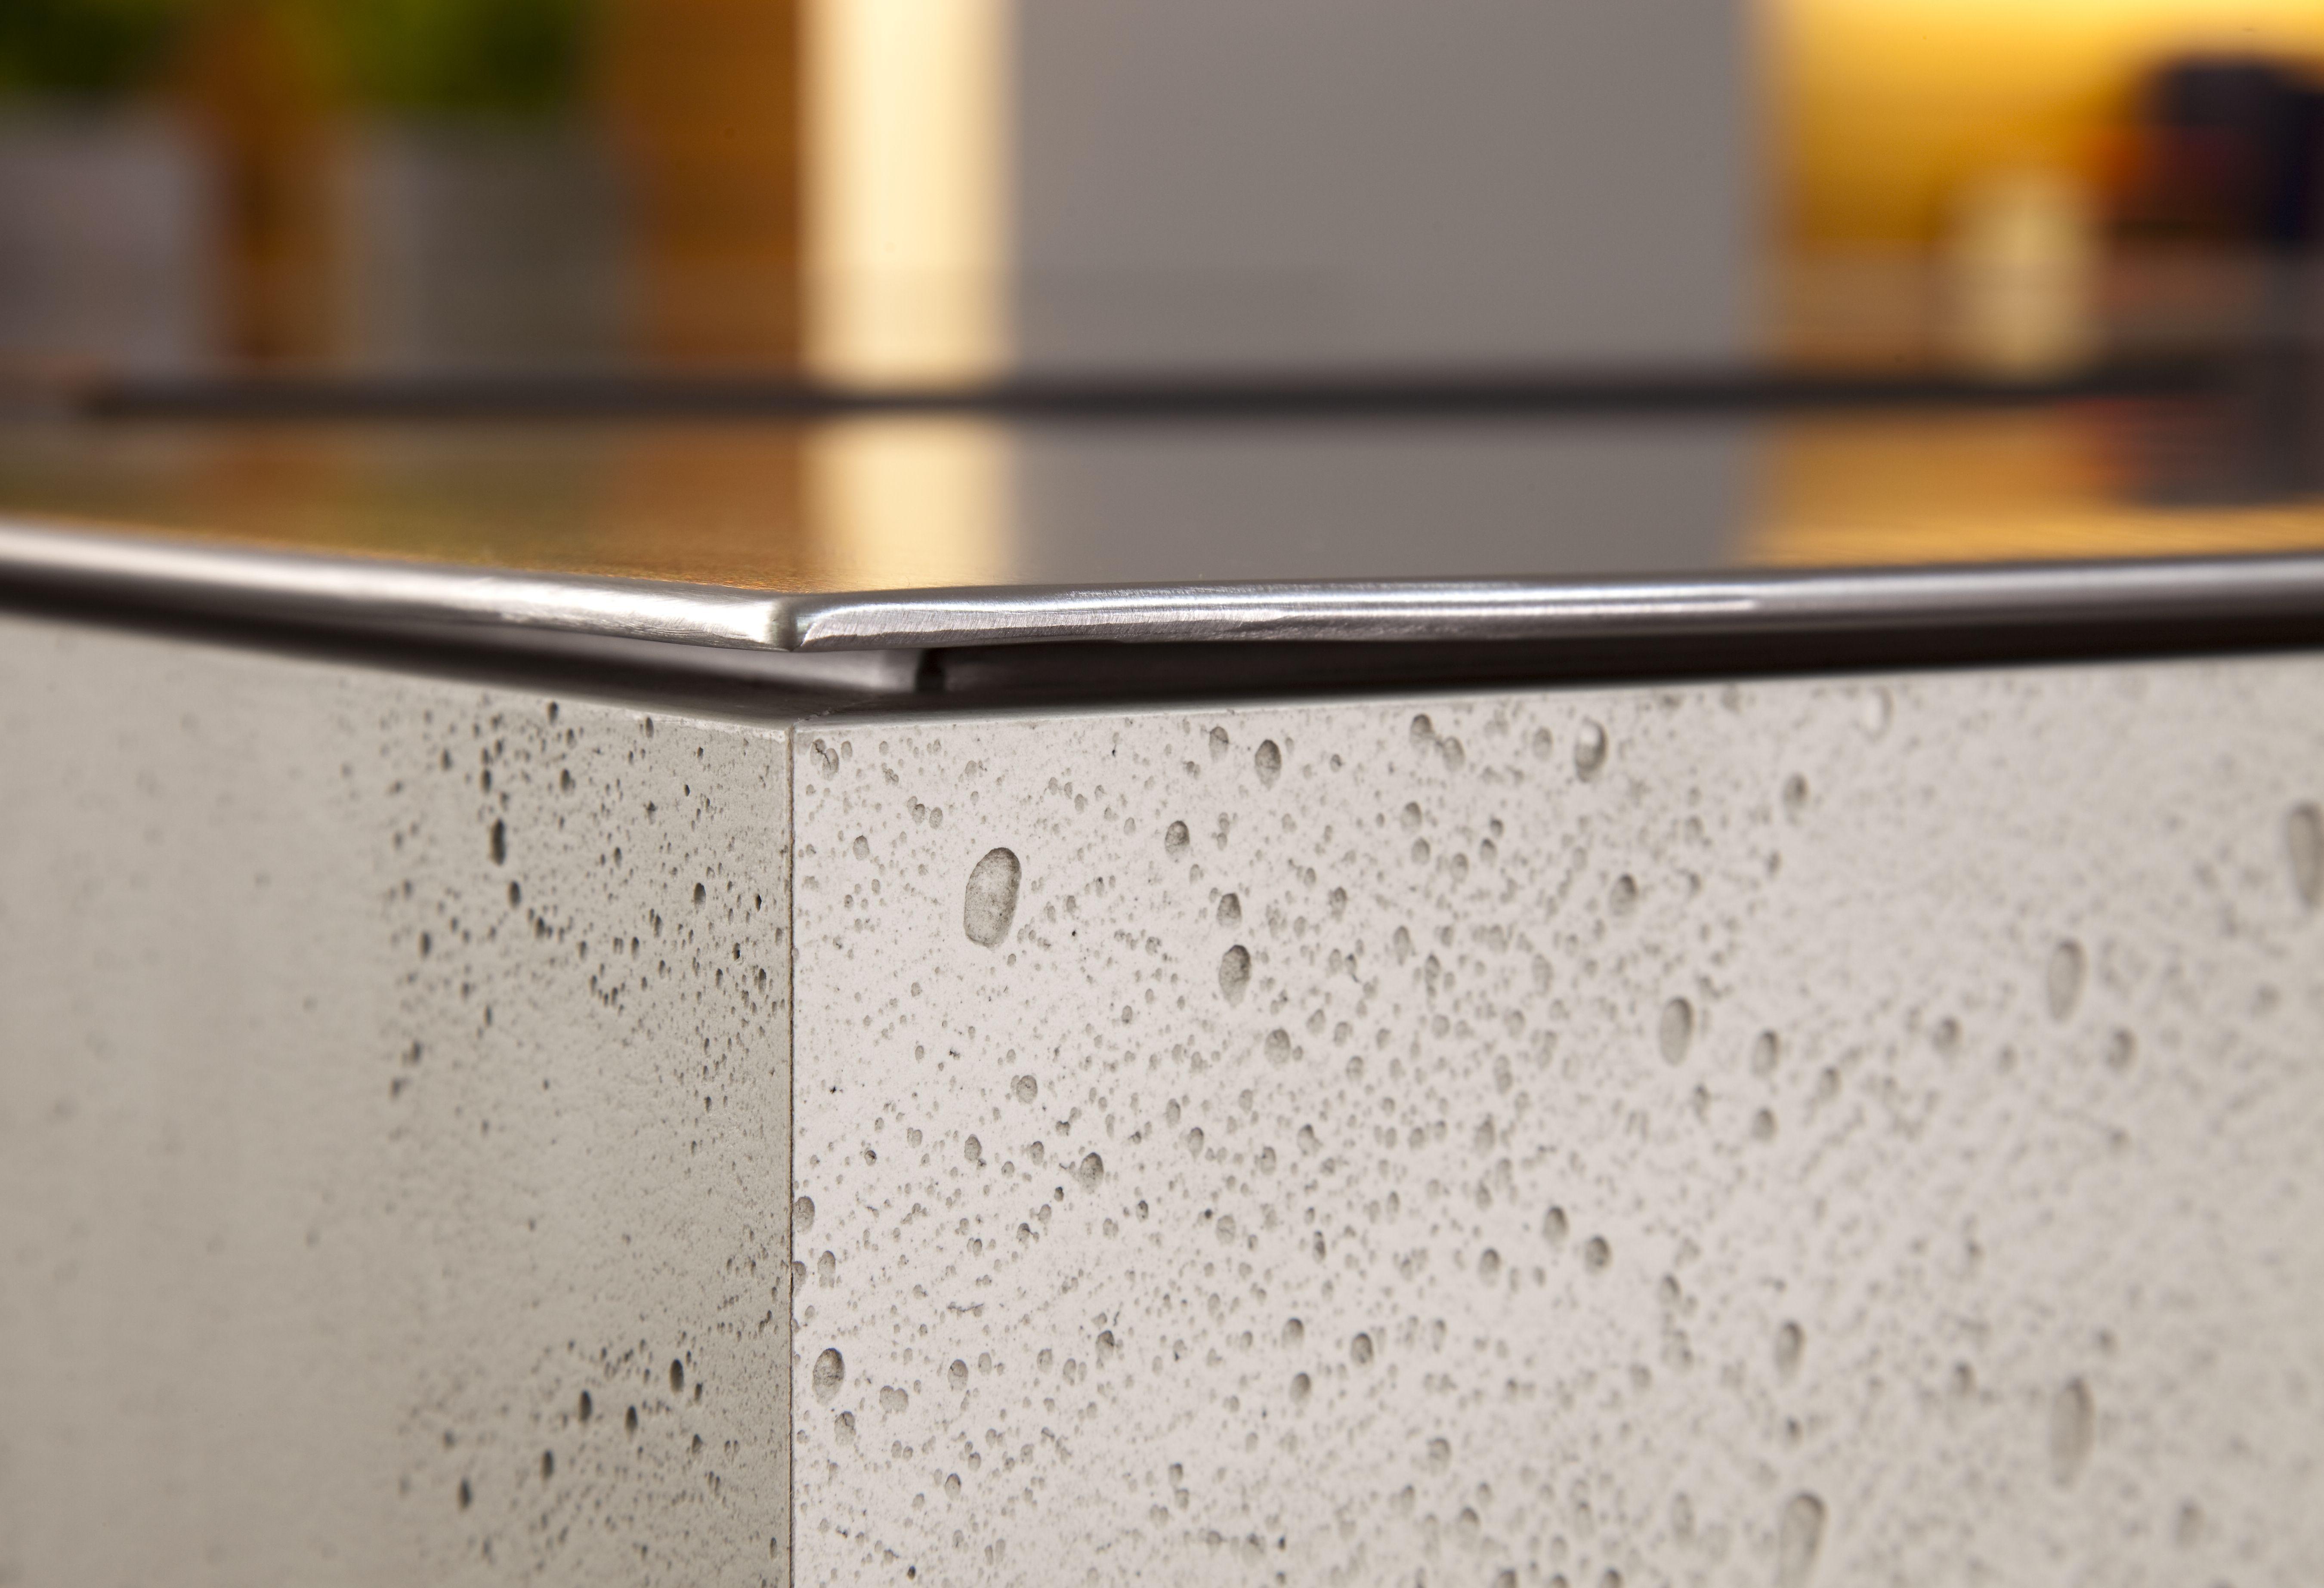 Imi Beton Preis imi beton il pannello effetto cemento it seems like concrete but